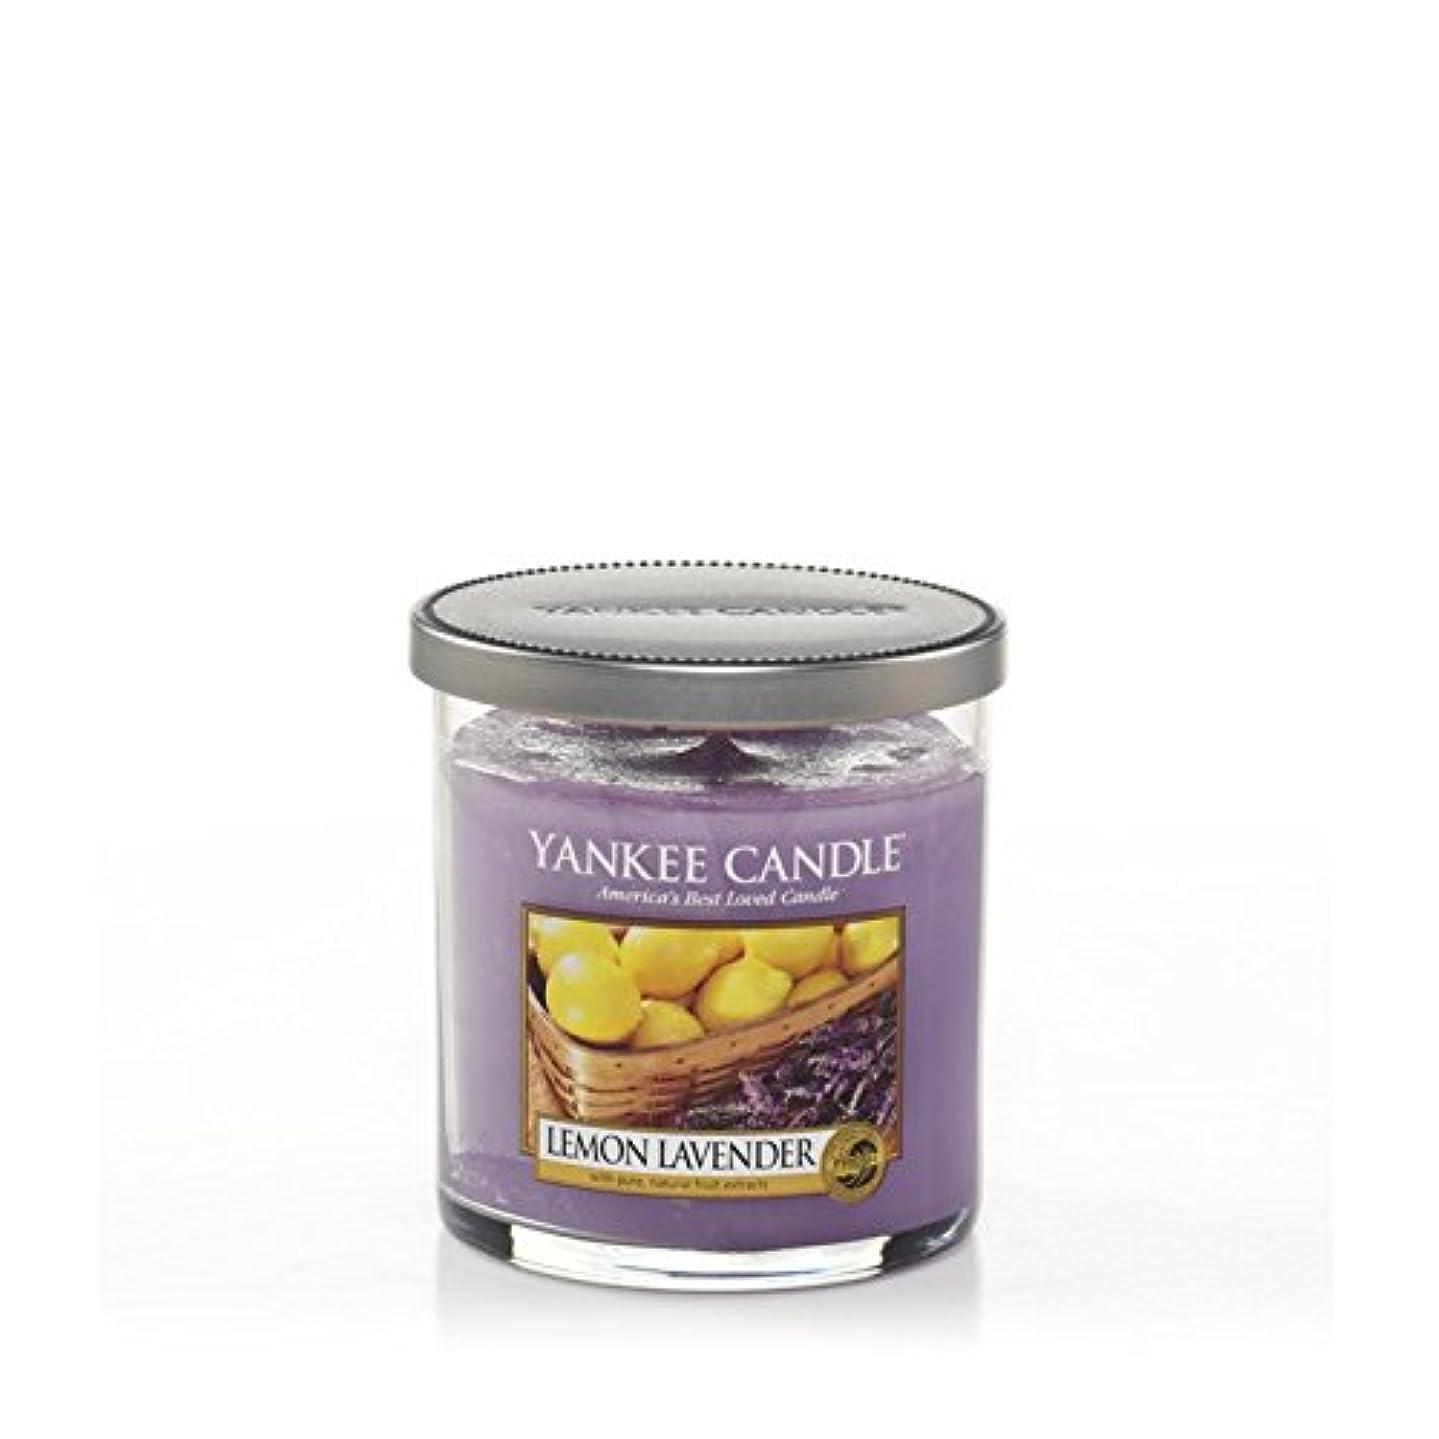 着陸ファウルテクトニックヤンキーキャンドルの小さな柱キャンドル - レモンラベンダー - Yankee Candles Small Pillar Candle - Lemon Lavender (Yankee Candles) [並行輸入品]